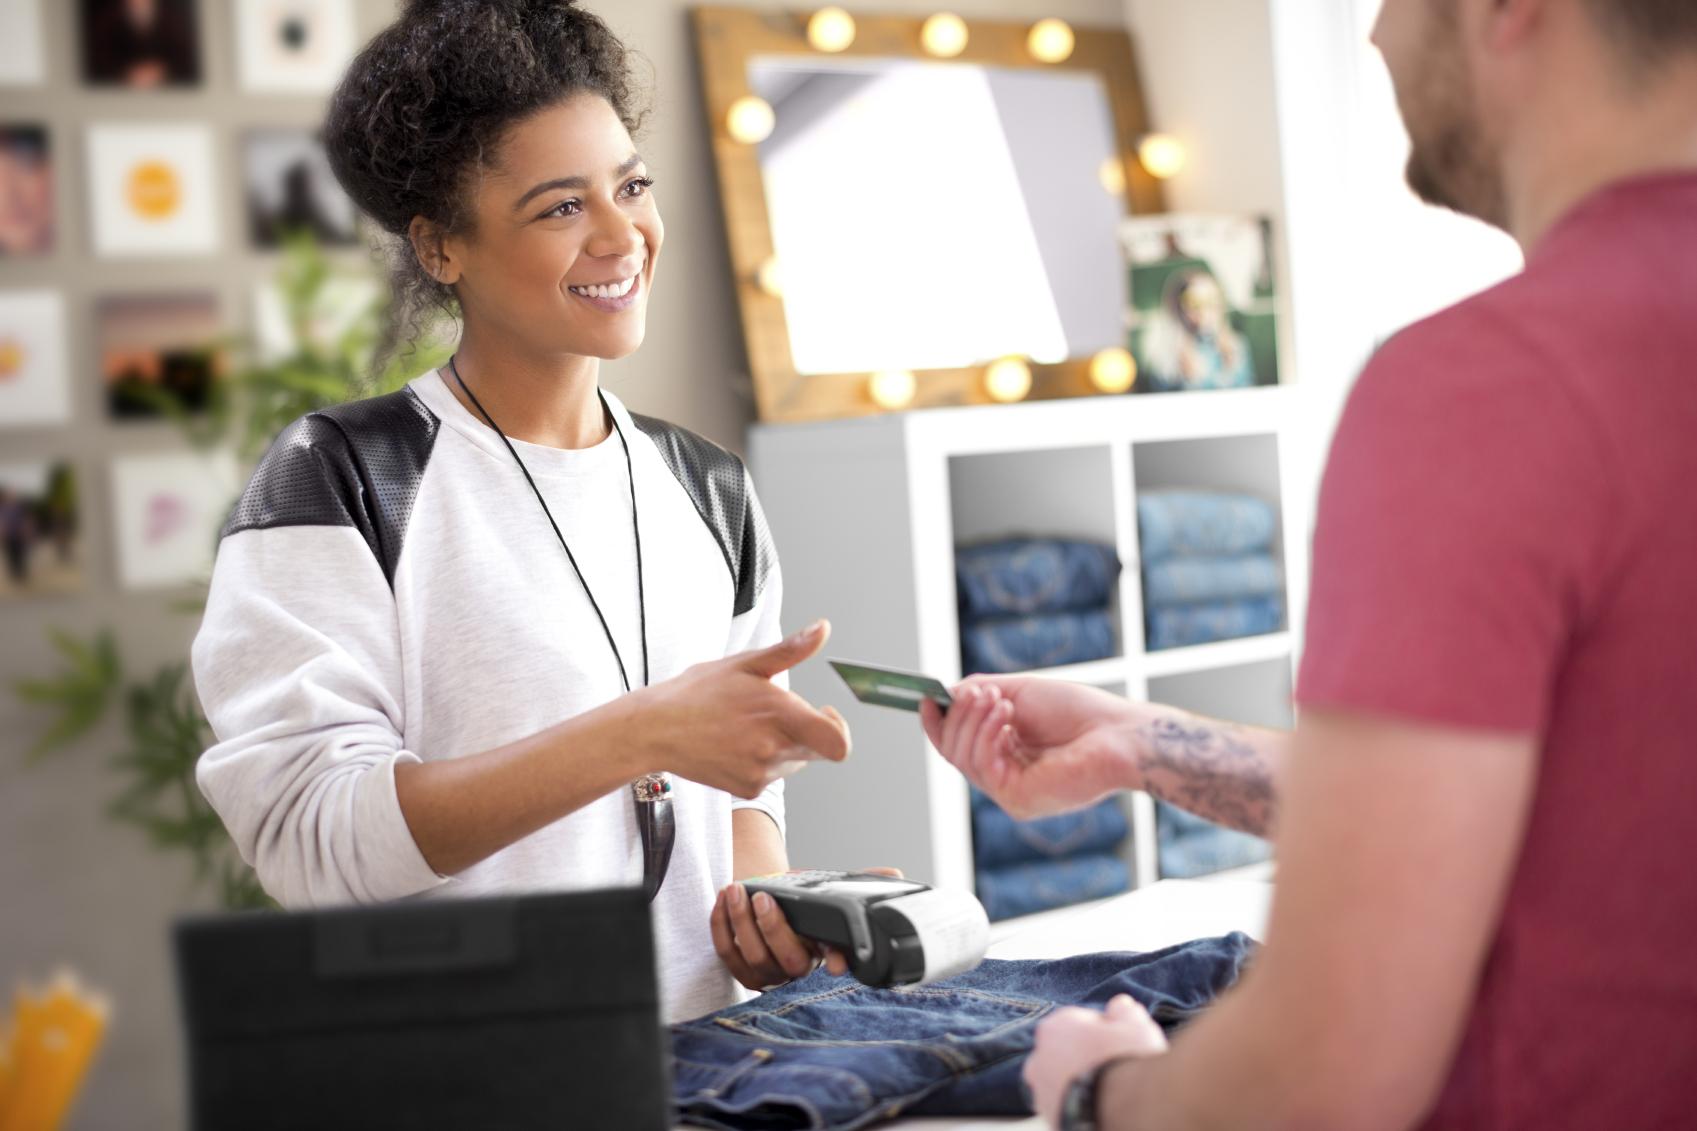 retail success webinar  21 proven tactics to increase